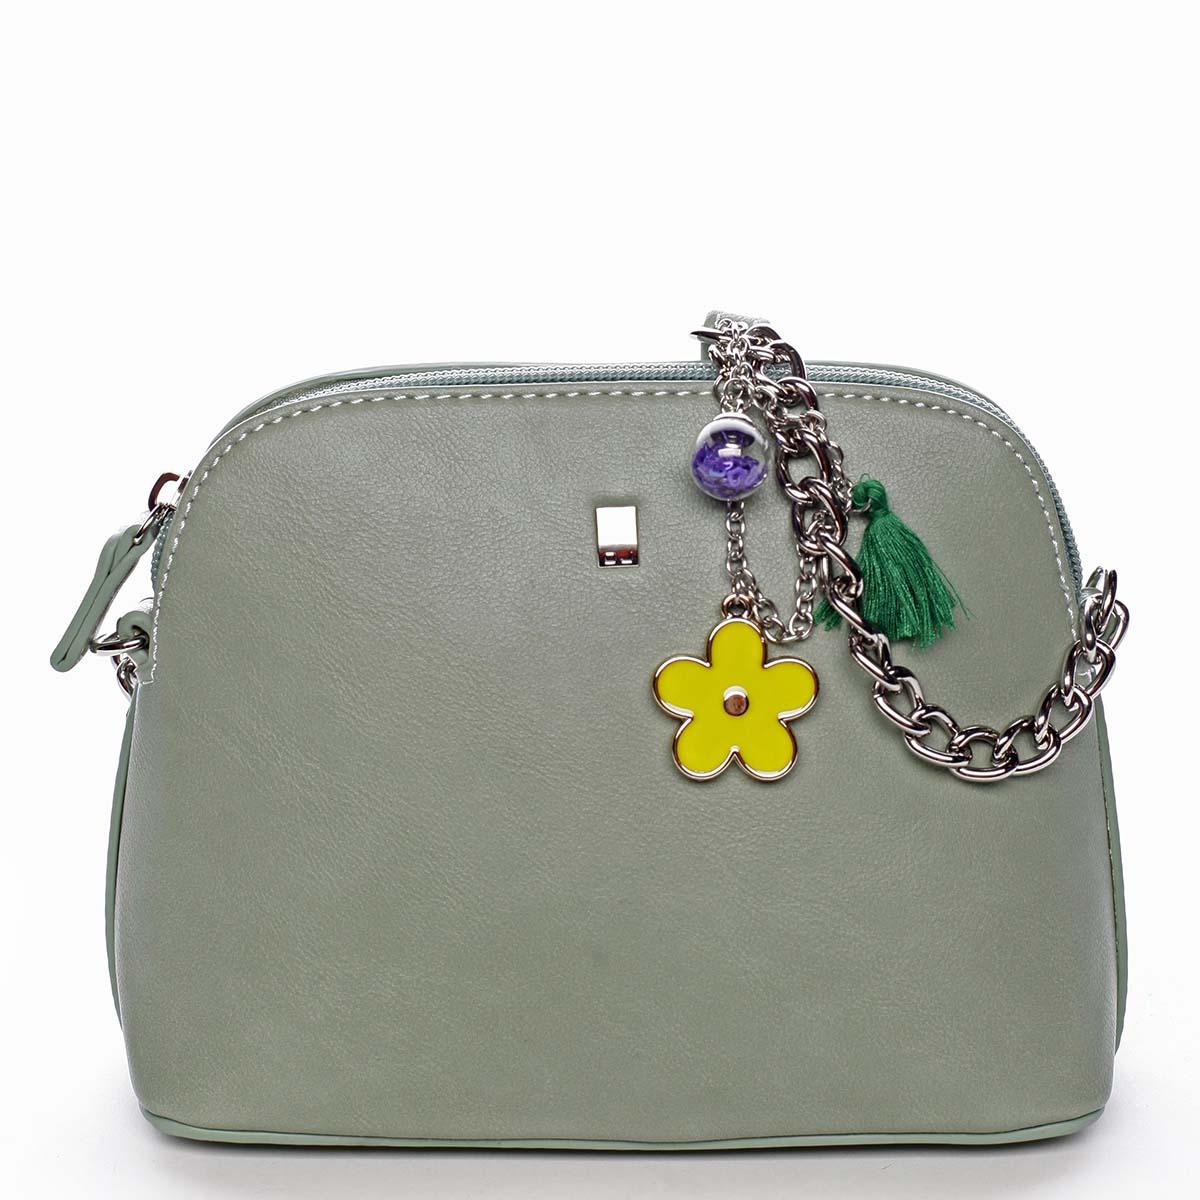 Malá elegantní crossbody kabelka bledě zelená - David Jones Trina